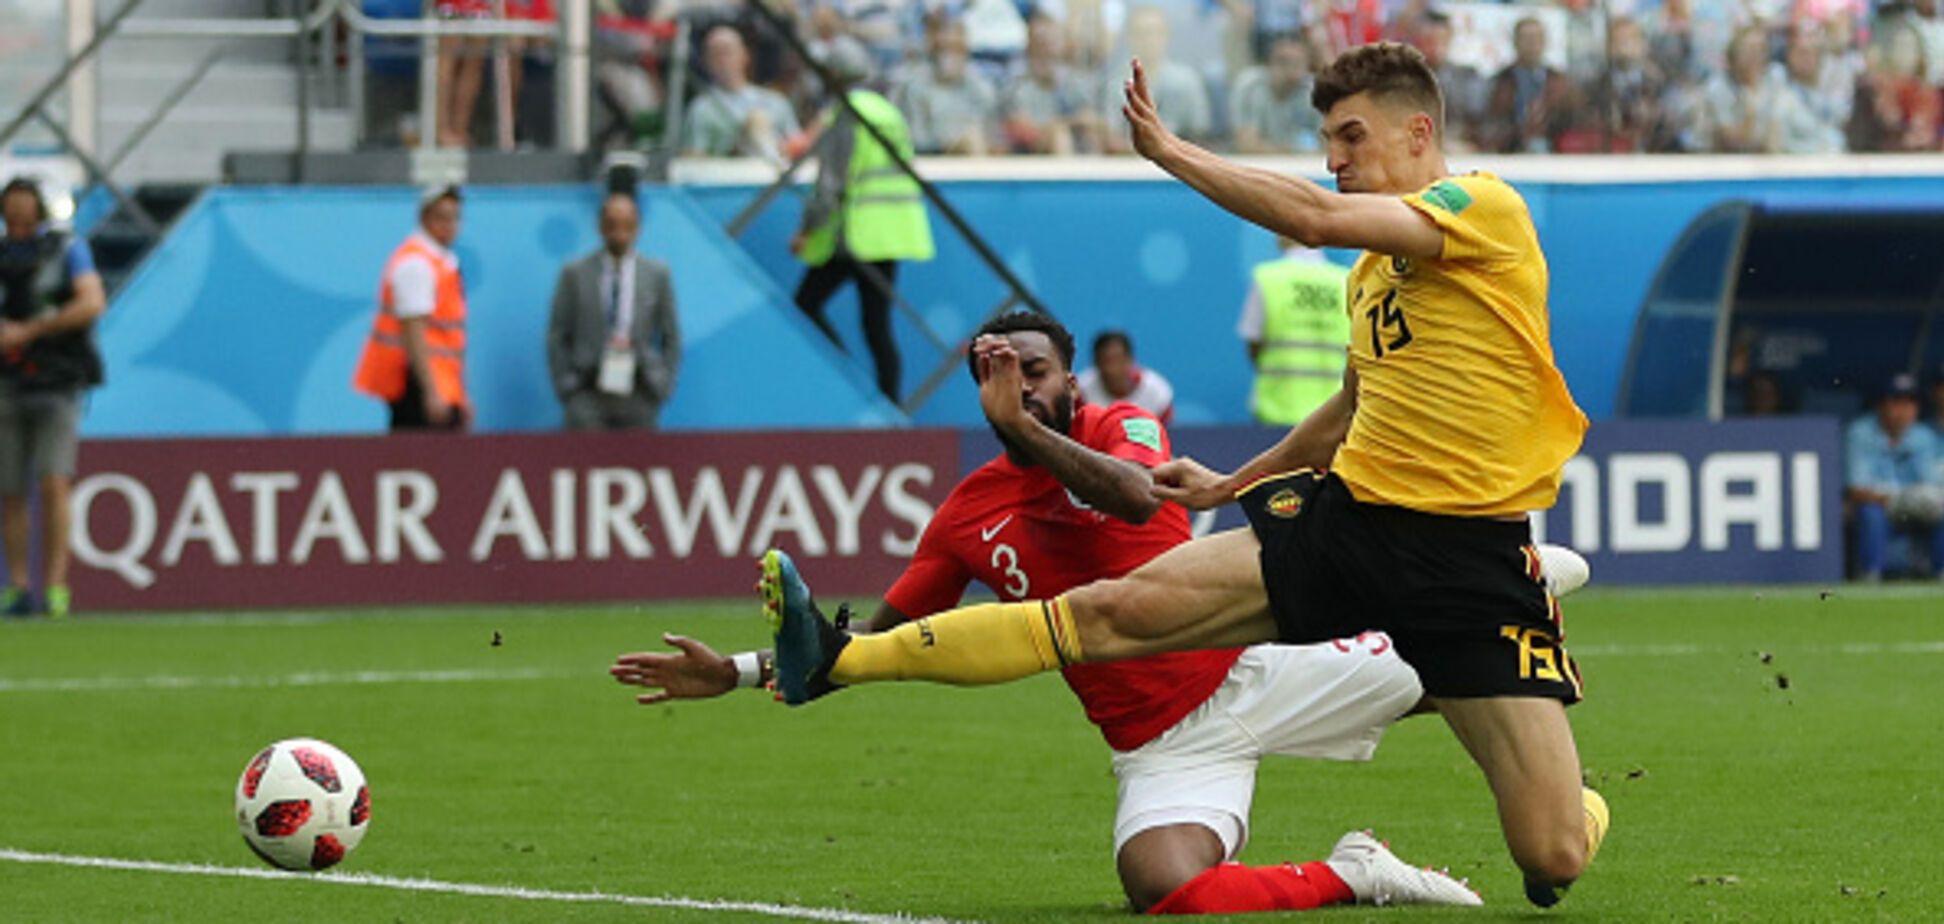 У матчі Бельгія - Англія визначився бронзовий призер ЧС-2018